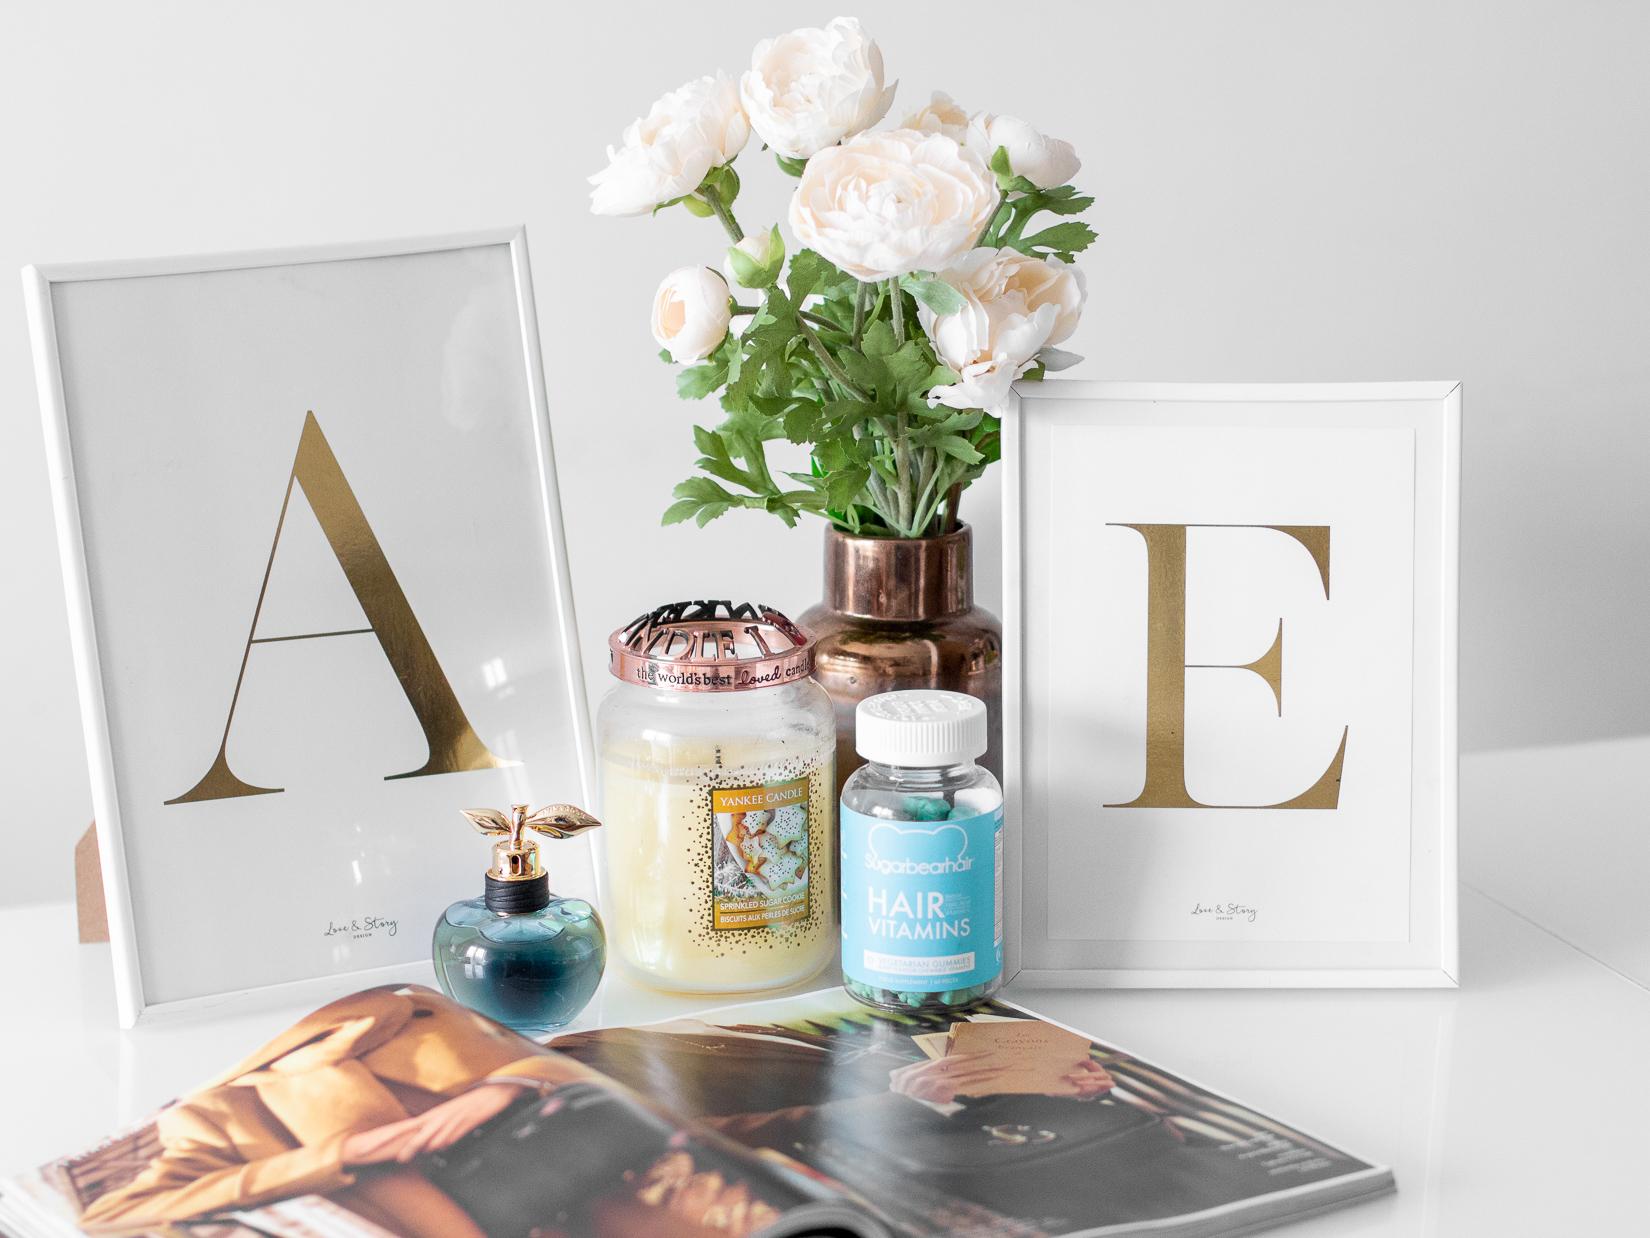 nejlepší pečující kosmetika 2019